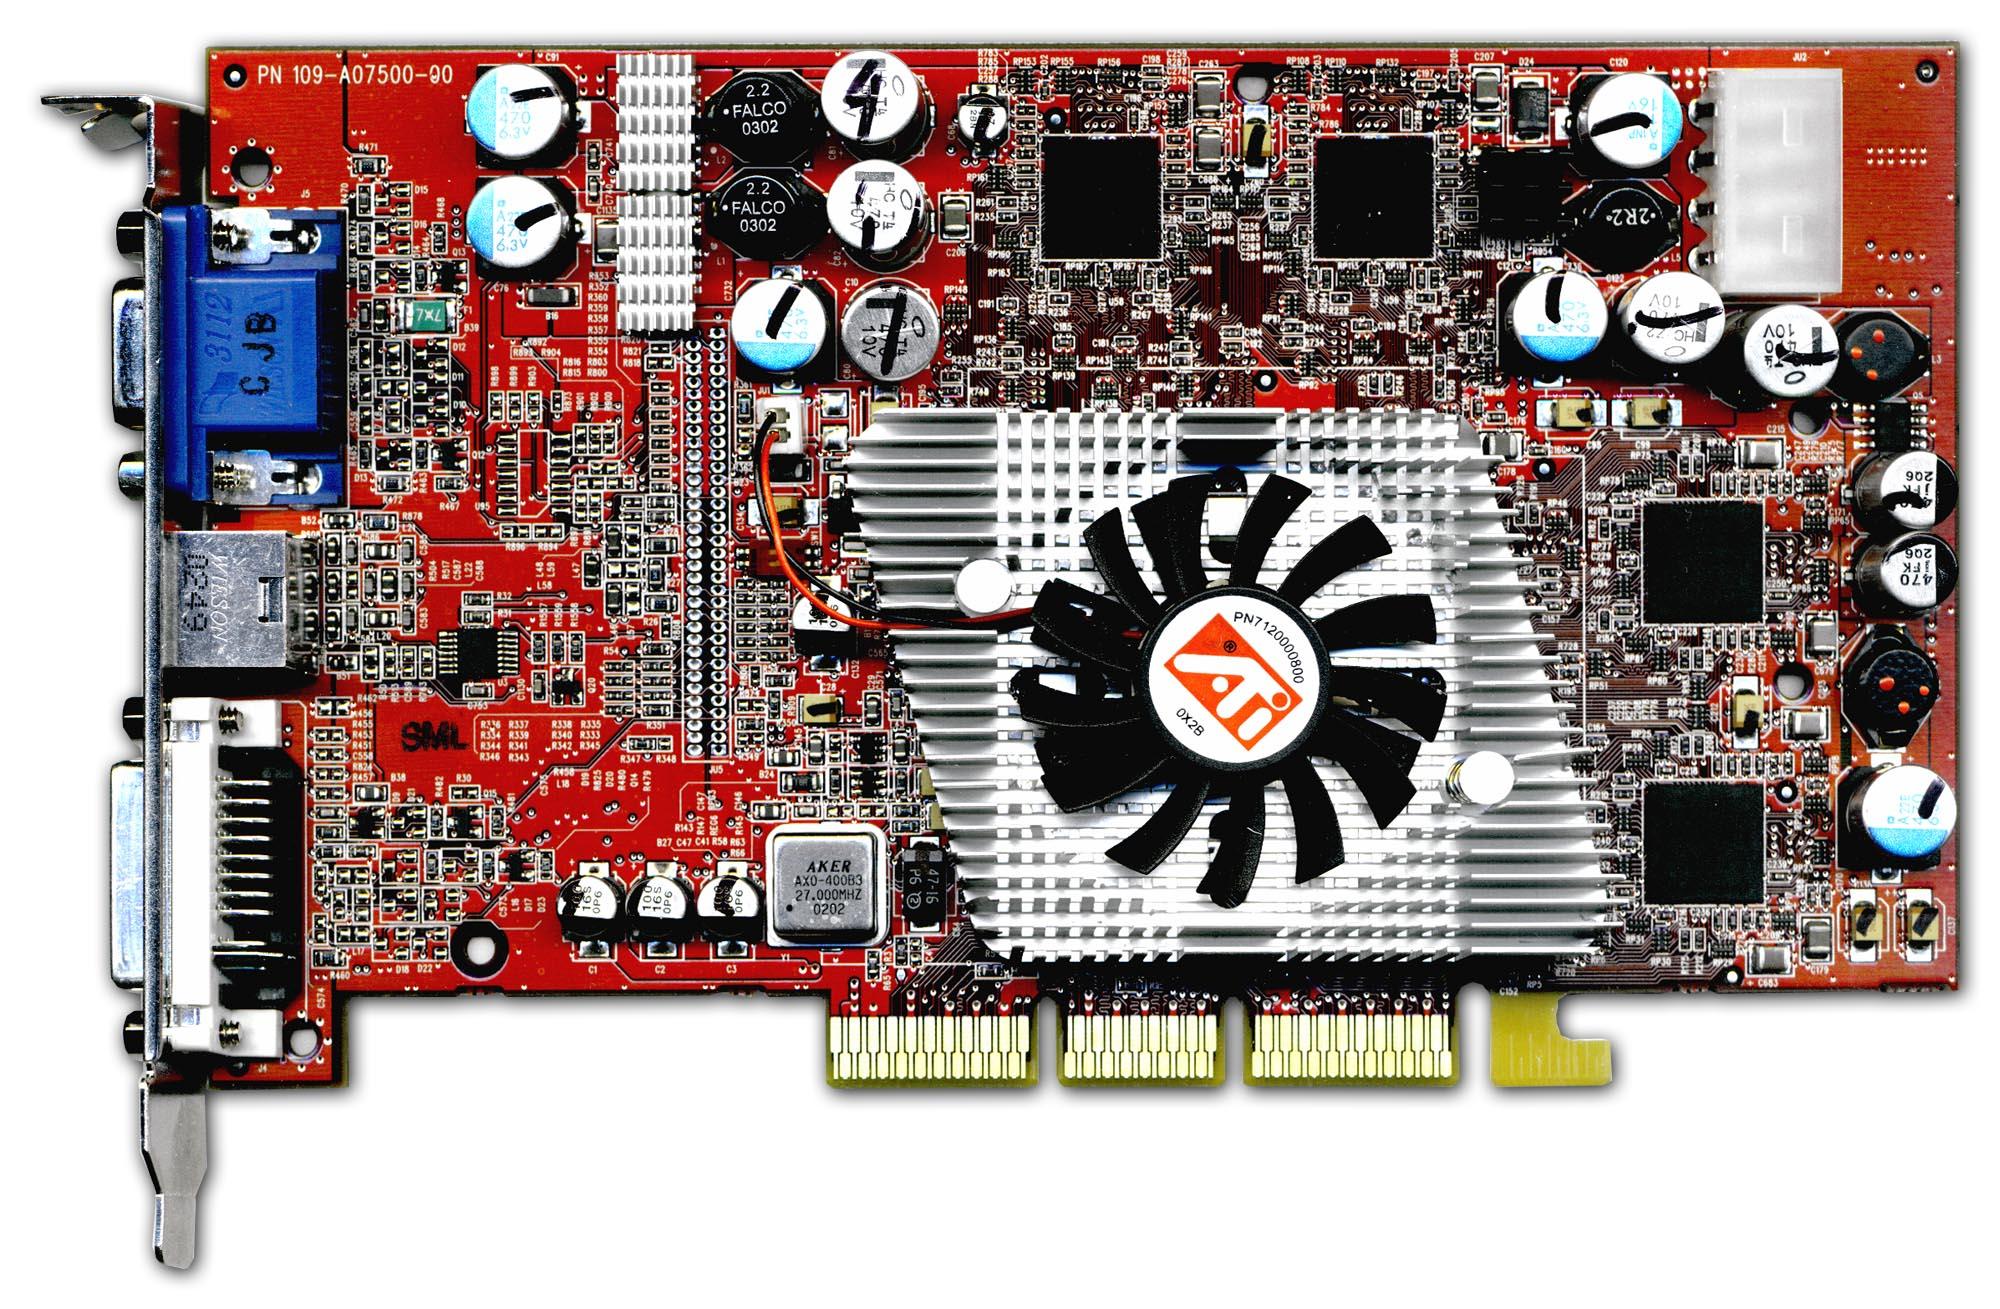 August 2003 3Digest ATI RADEON 9800 PRO 128MB DDR 380 680 MHz